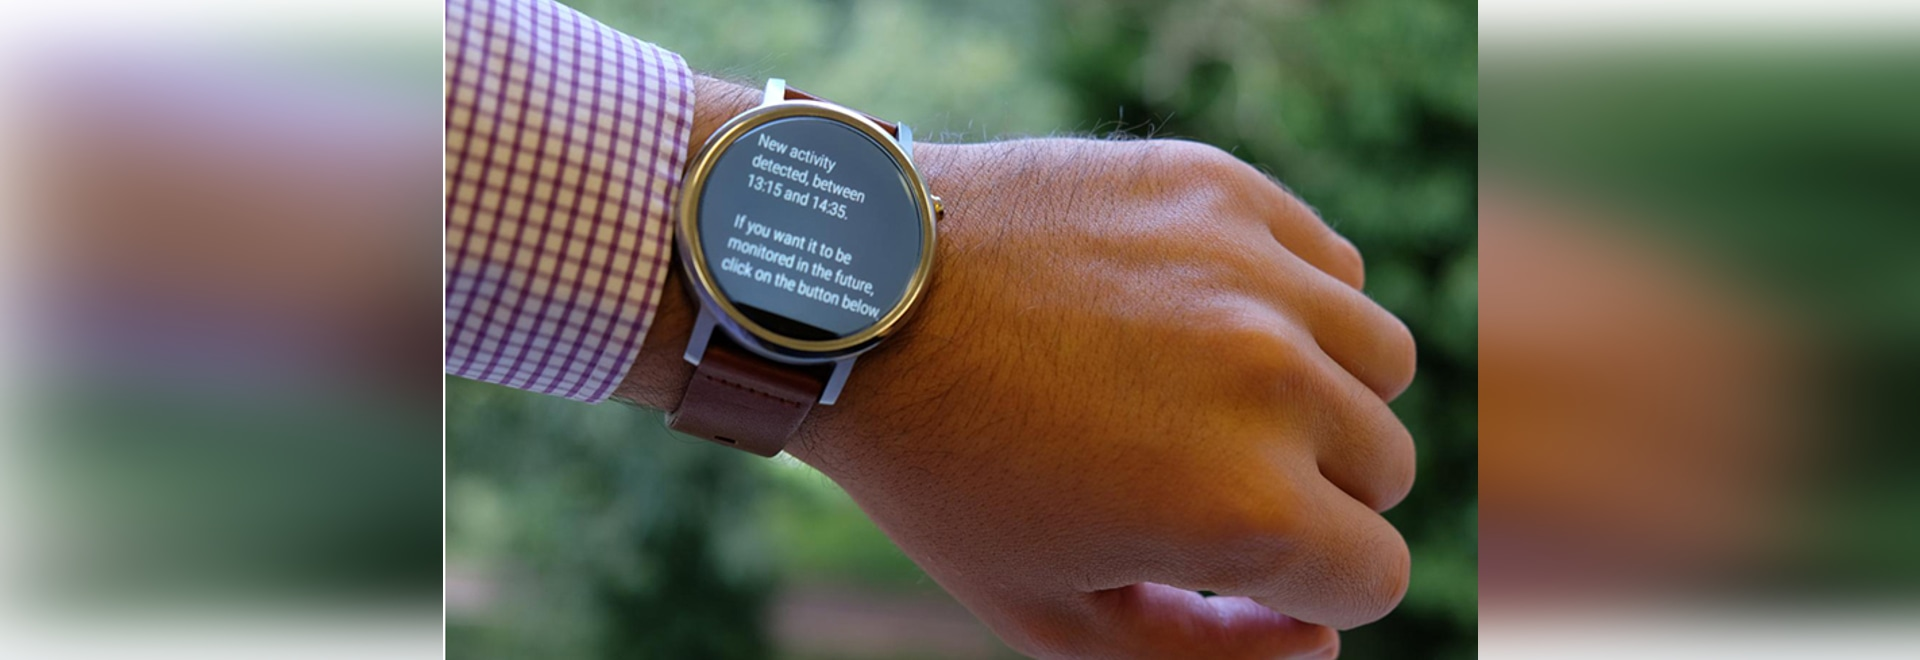 Algorithmus macht effektivere Bewegungs-Verfolger Smartwatches